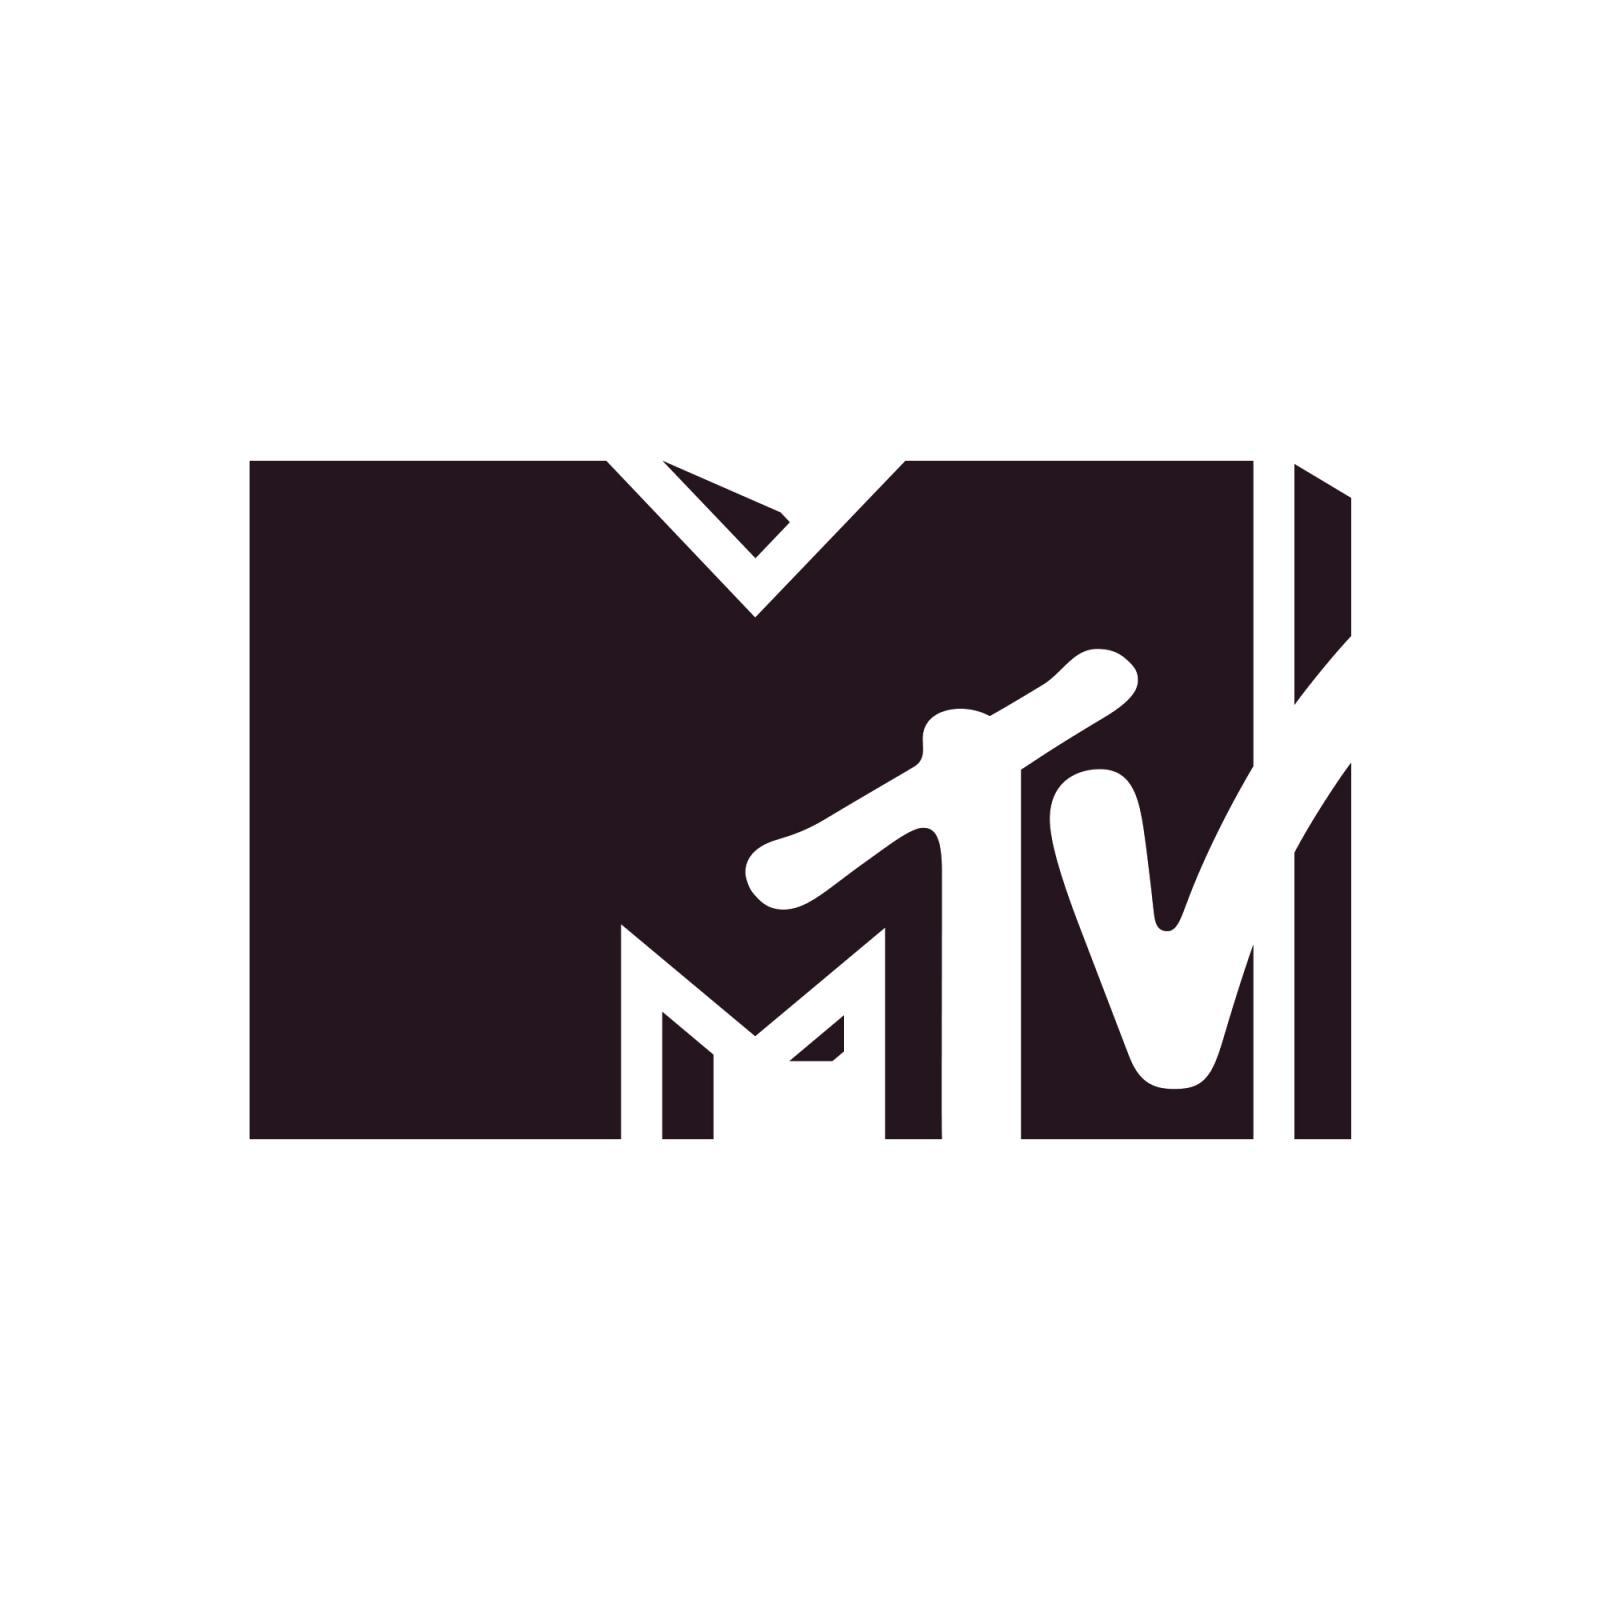 mtv-logo_large_0.jpg